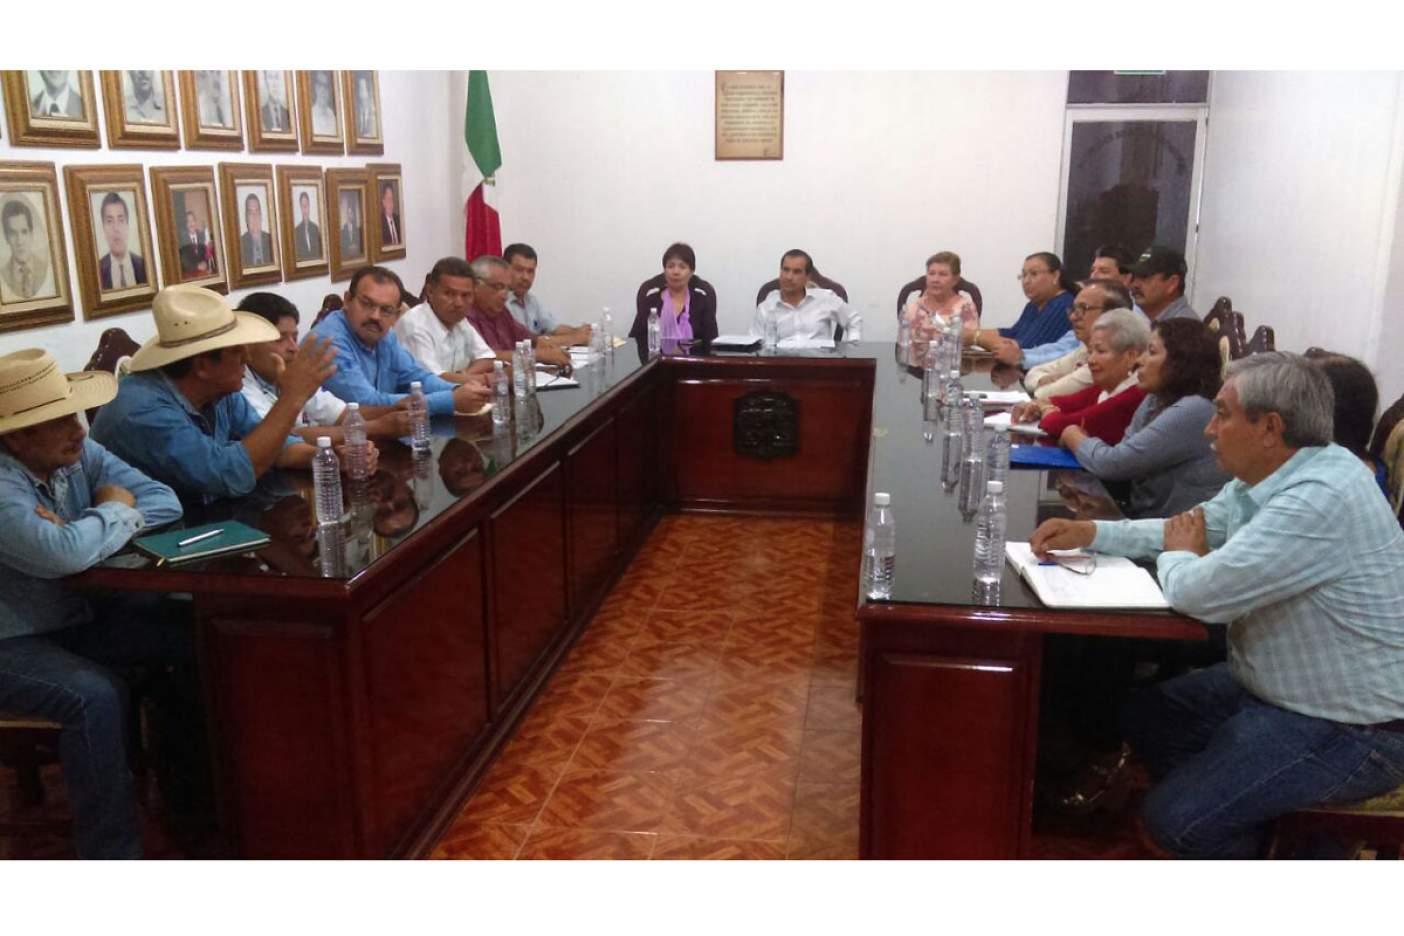 Quedó integrado el Comité de Prevención y Control del Dengue Chikungunya y Zika 2018 en Escuinapa